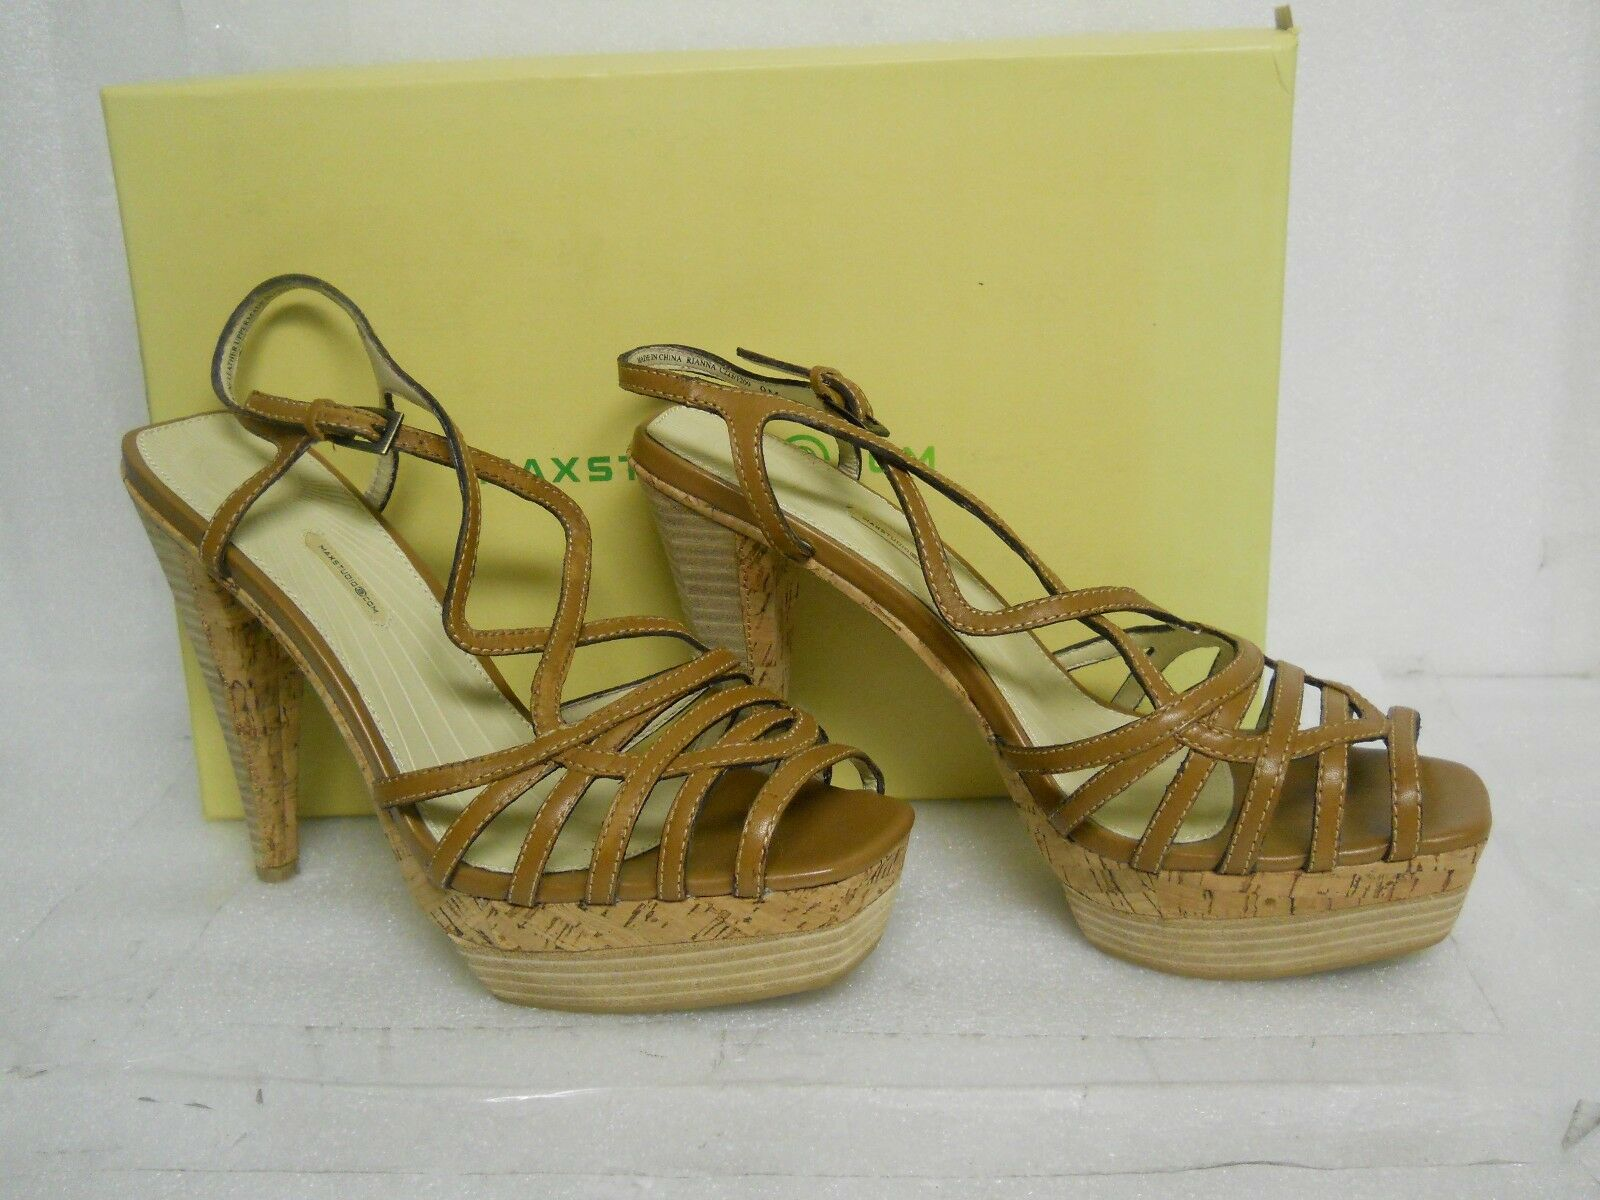 promozioni di sconto Max Studio Studio Studio New donna Rianna Light Marrone Sandals 9 M scarpe  Negozio 2018